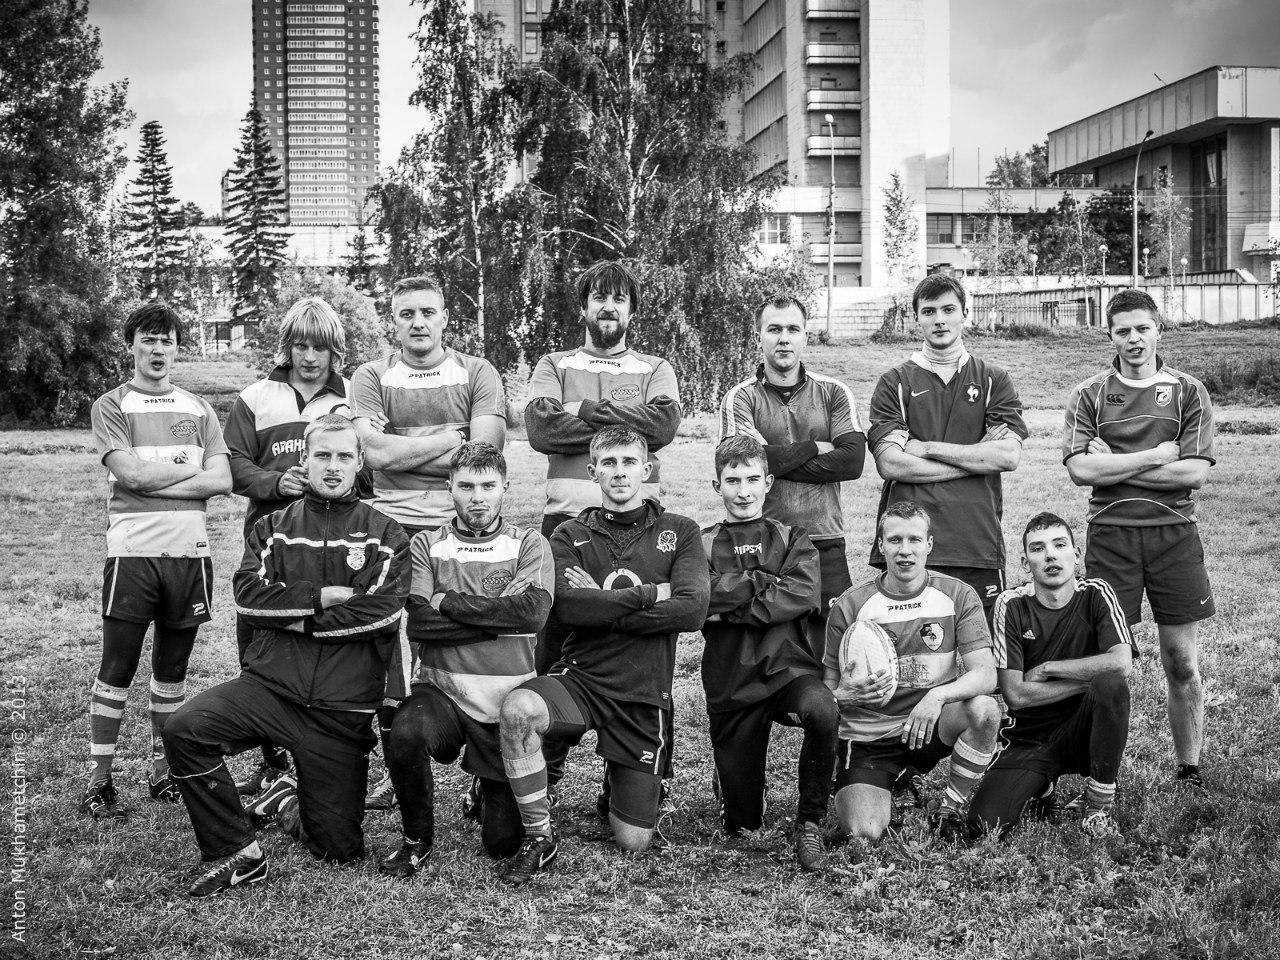 2013/09/15 Новосибирск. Участники регбийного матча в честь 90-летия регби в России.